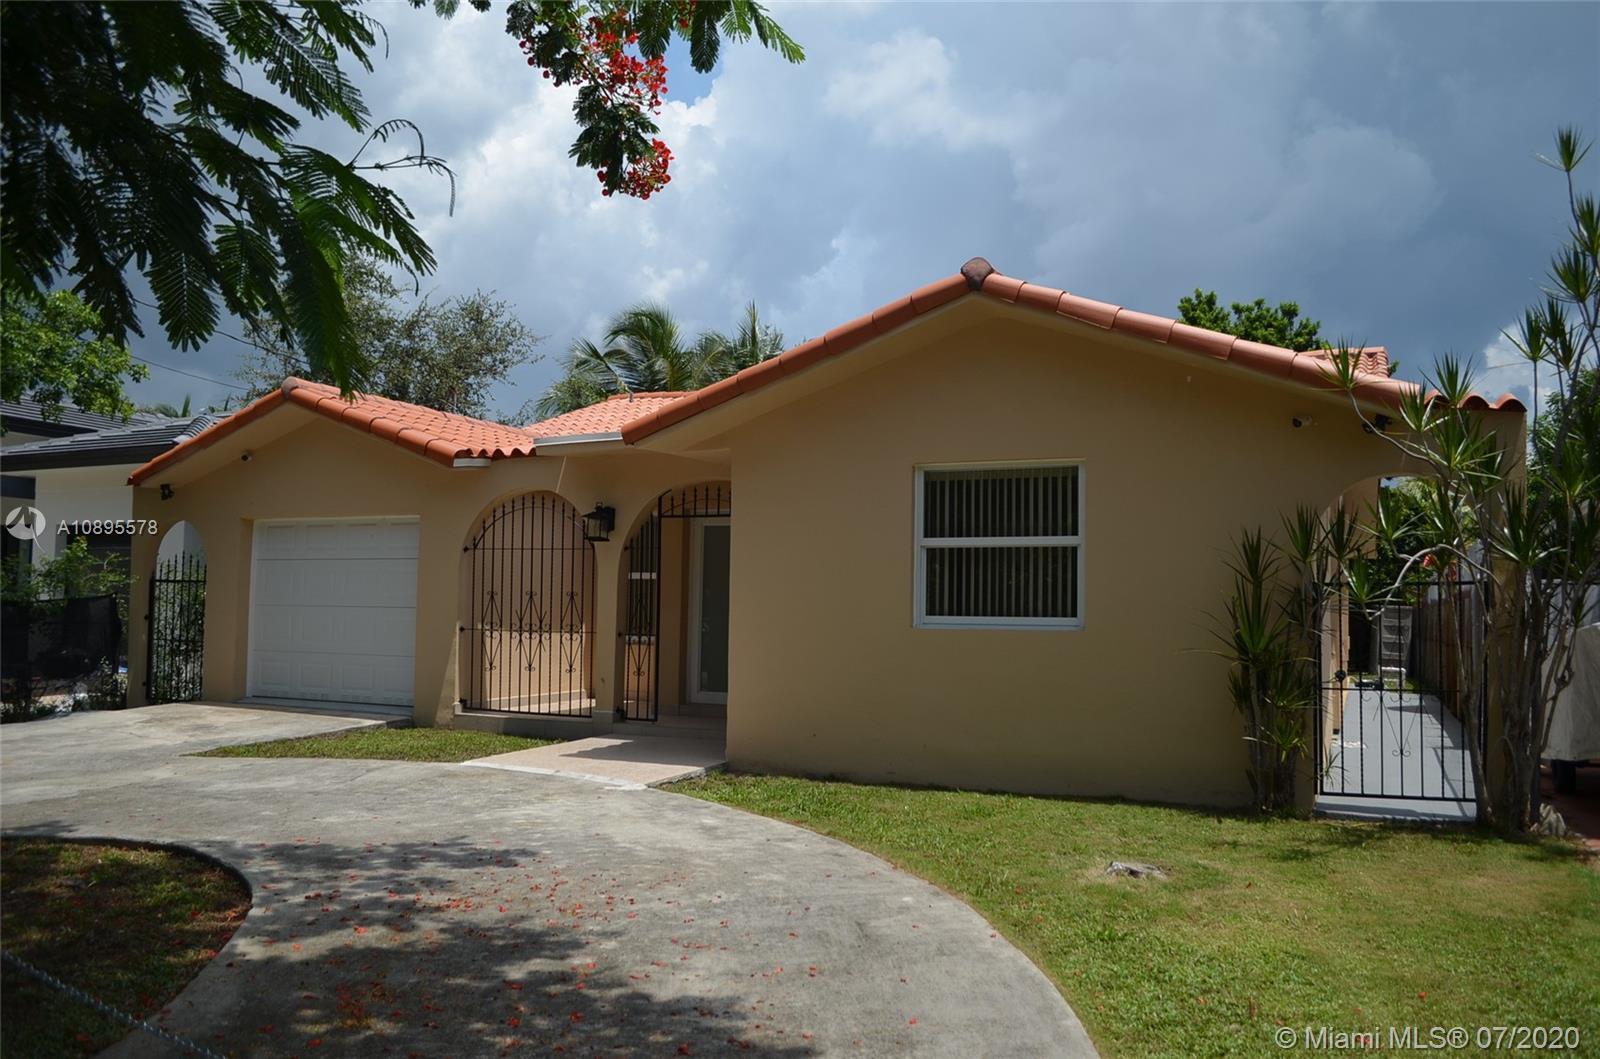 Silver Bluff - 2653 SW 25th Ter, Miami, FL 33133